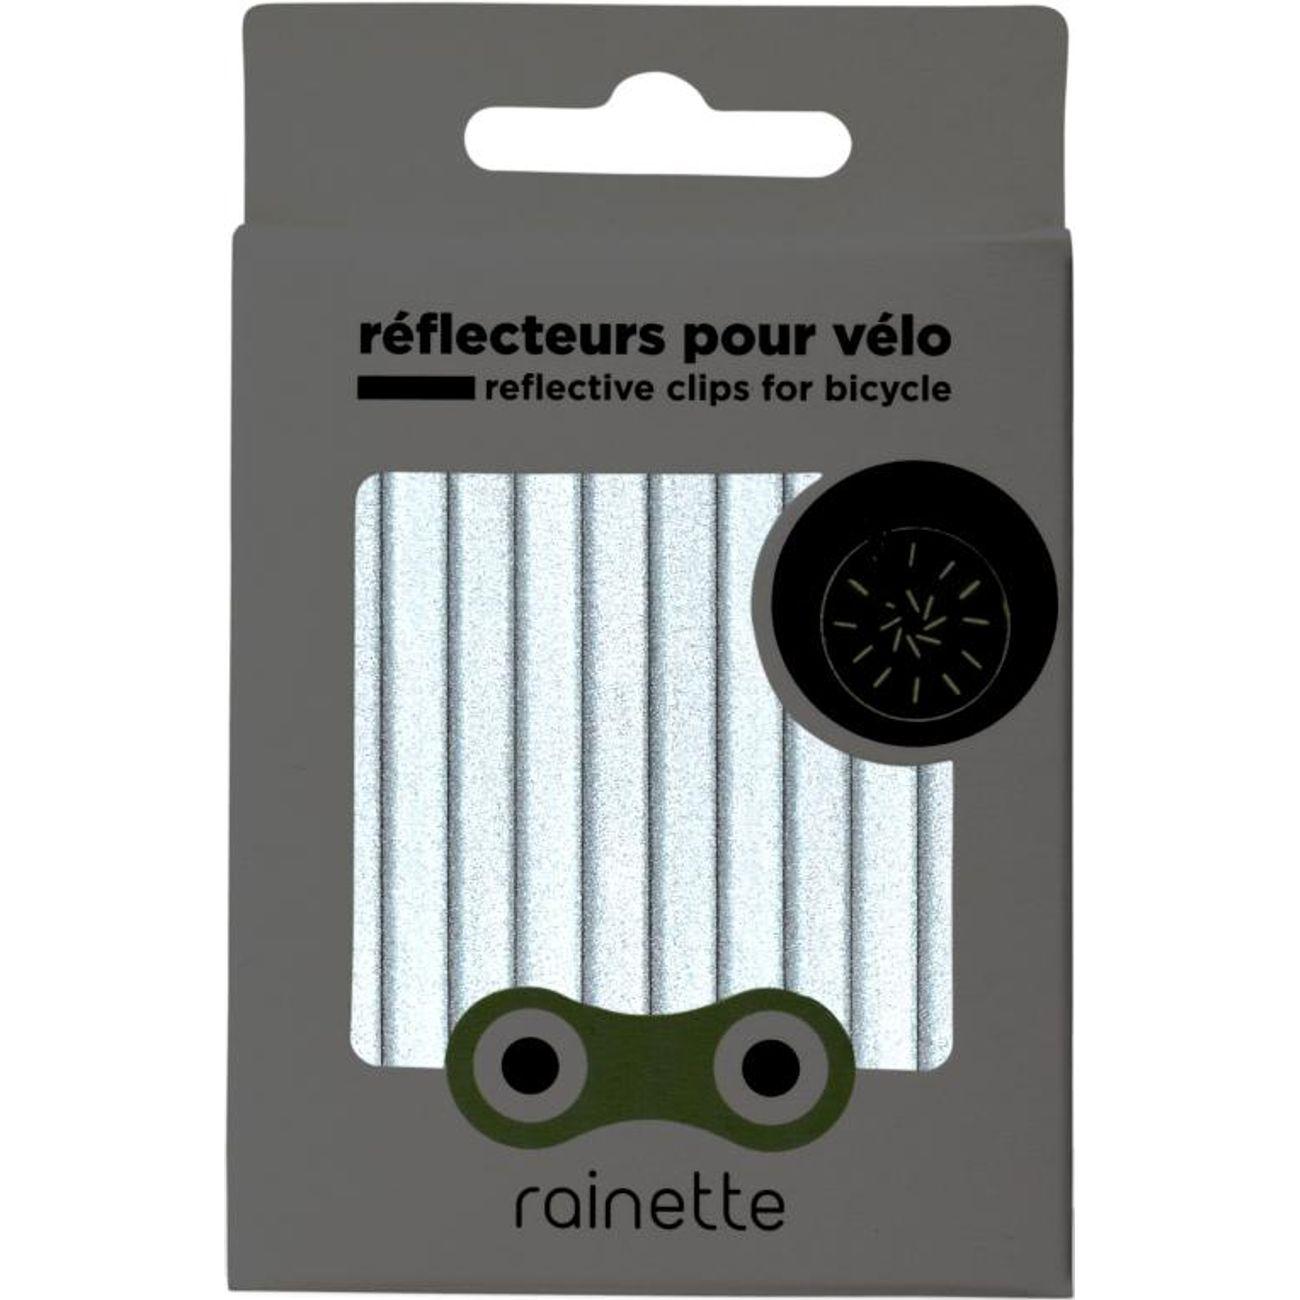 RAINETTE RÉFLECTEURS ANT 12 Bâtons reflechissants pour rayons - Anthracite